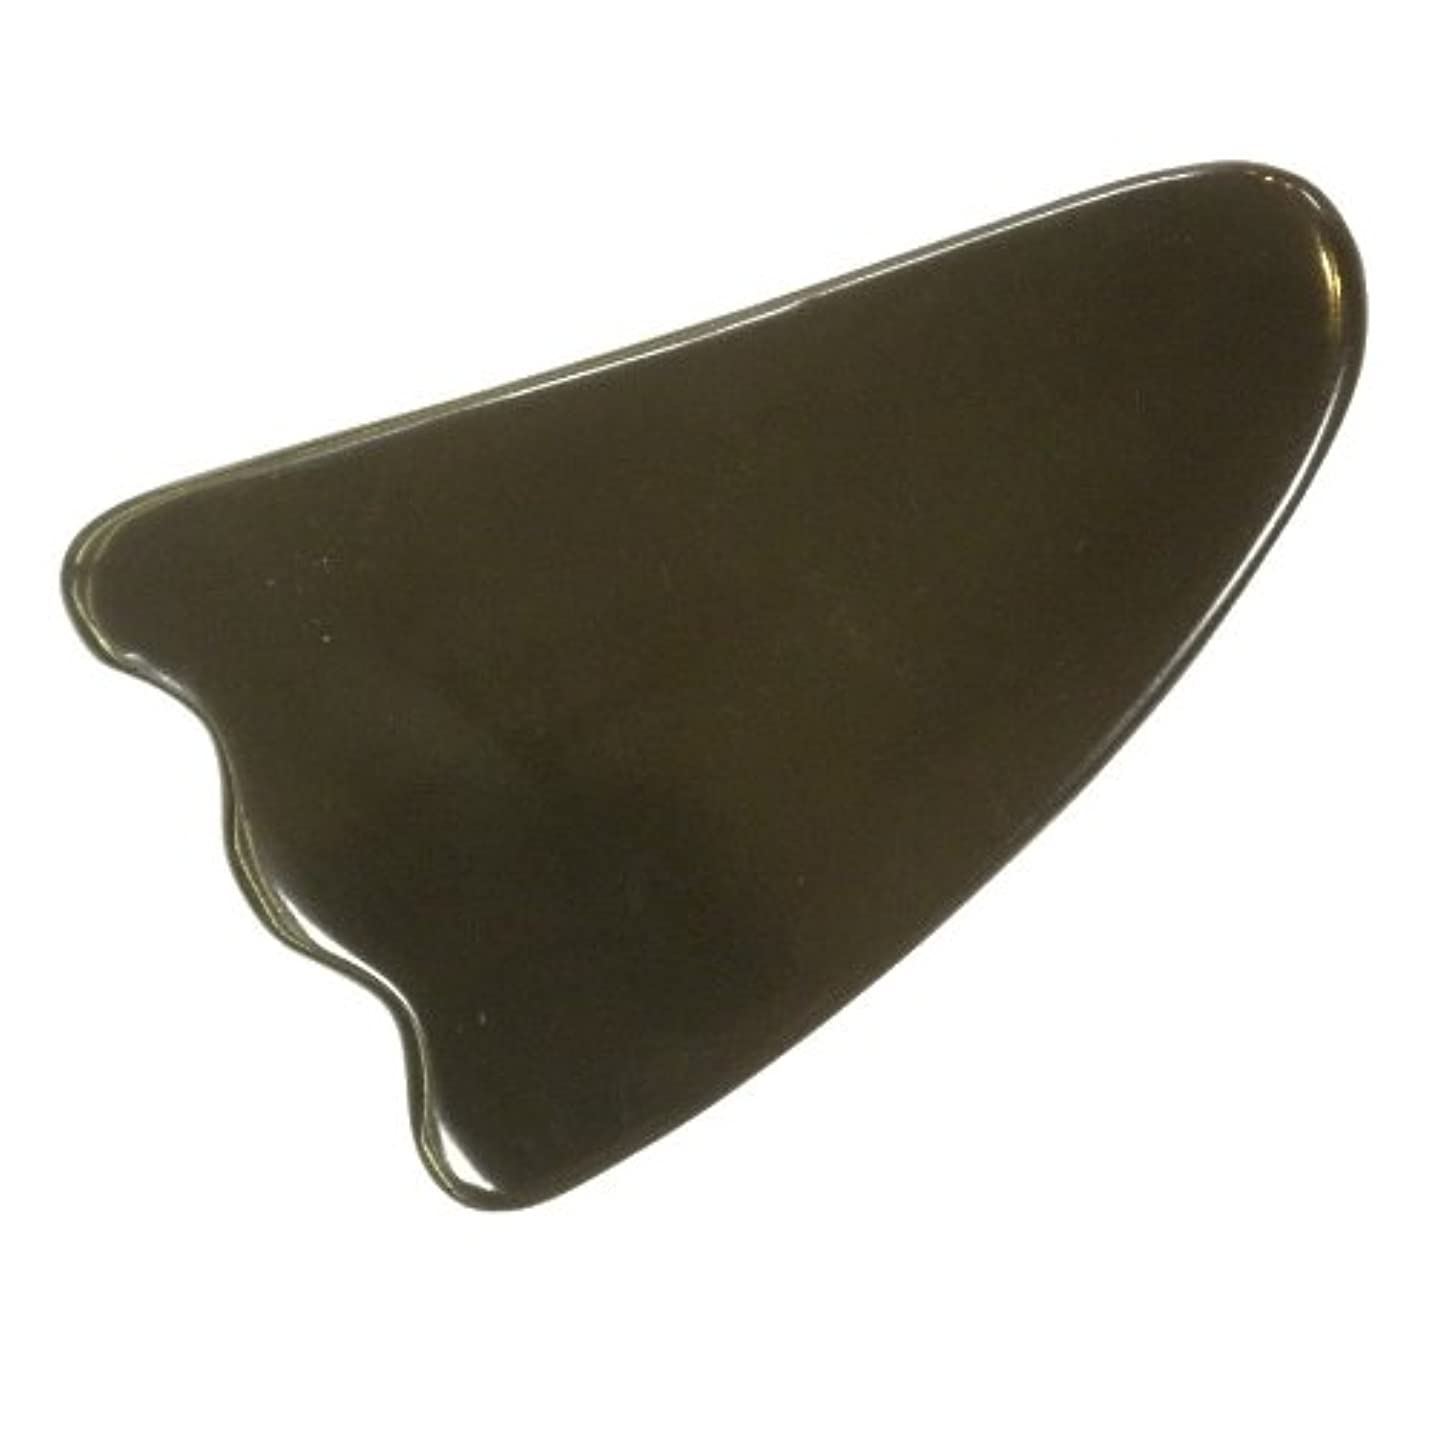 略す控えめな表面かっさ プレート 厚さが選べる 水牛の角(黒水牛角) EHE213SP 羽根型 特級品 厚め(7ミリ程度)